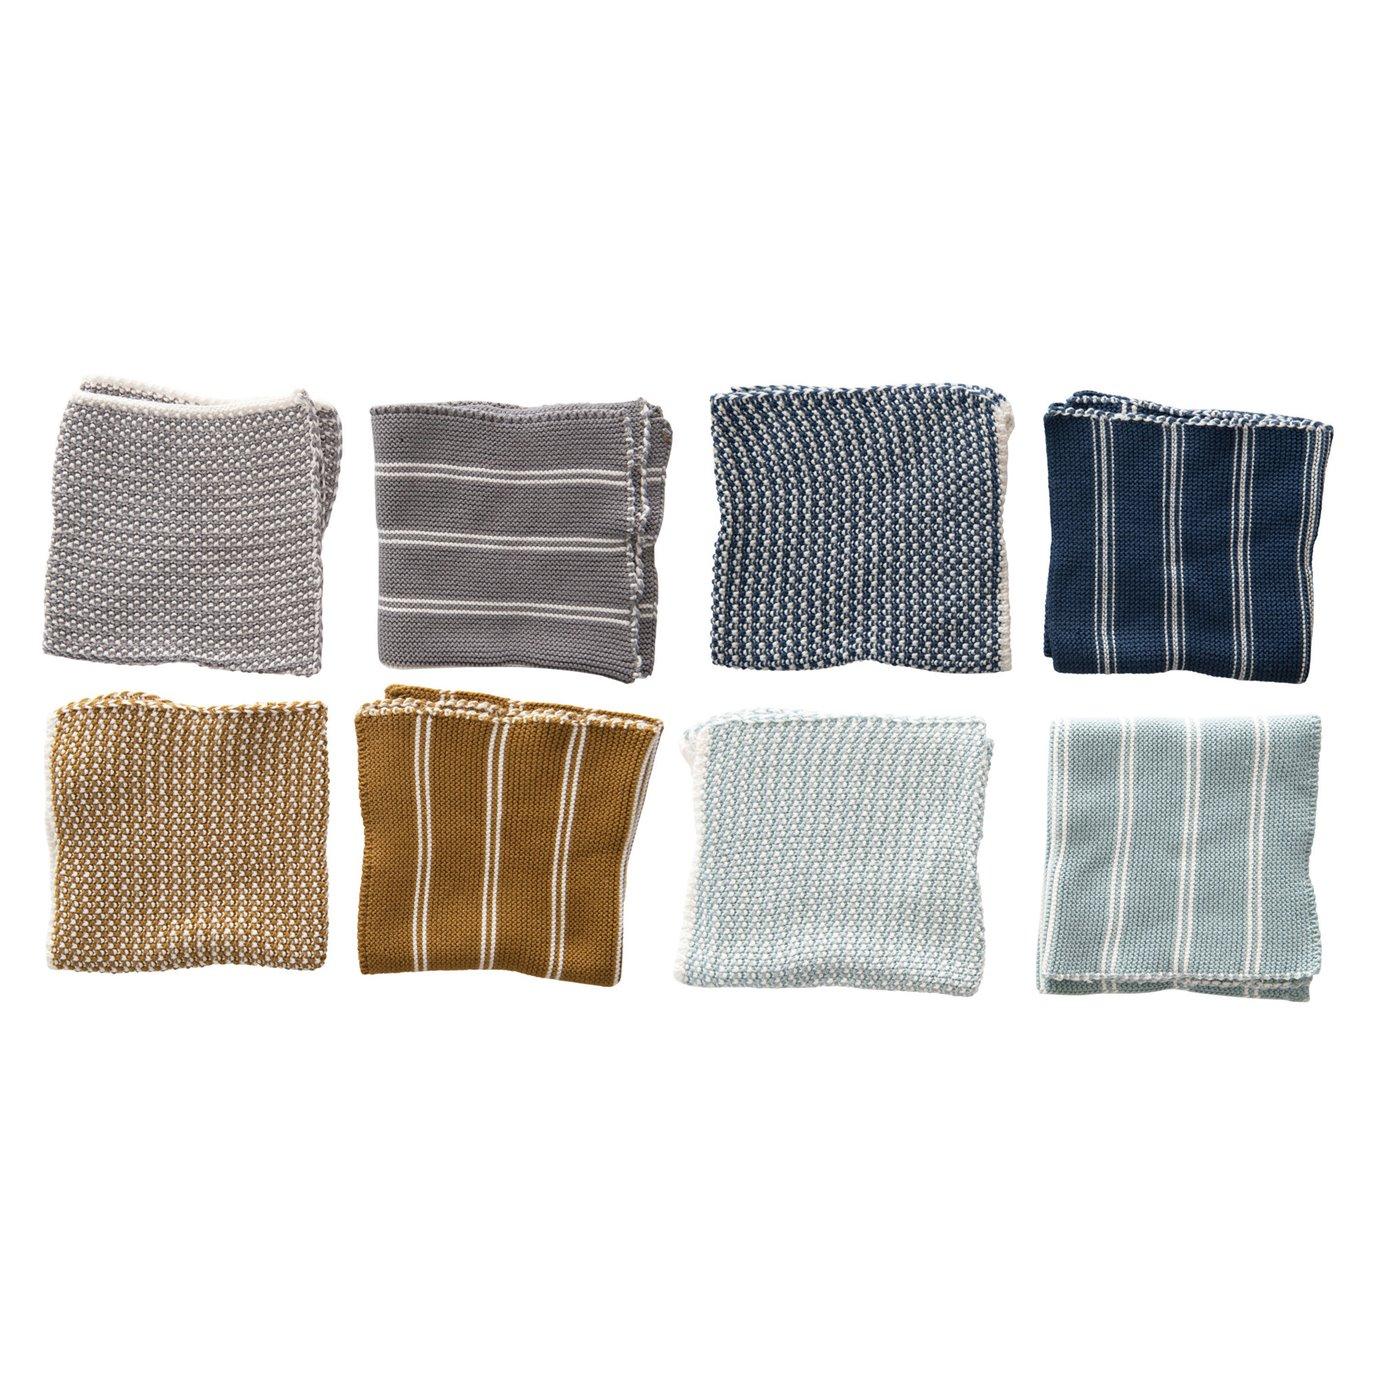 """12"""" Square Cotton Knit Dish Cloths, Set of 2, 4 Colors"""